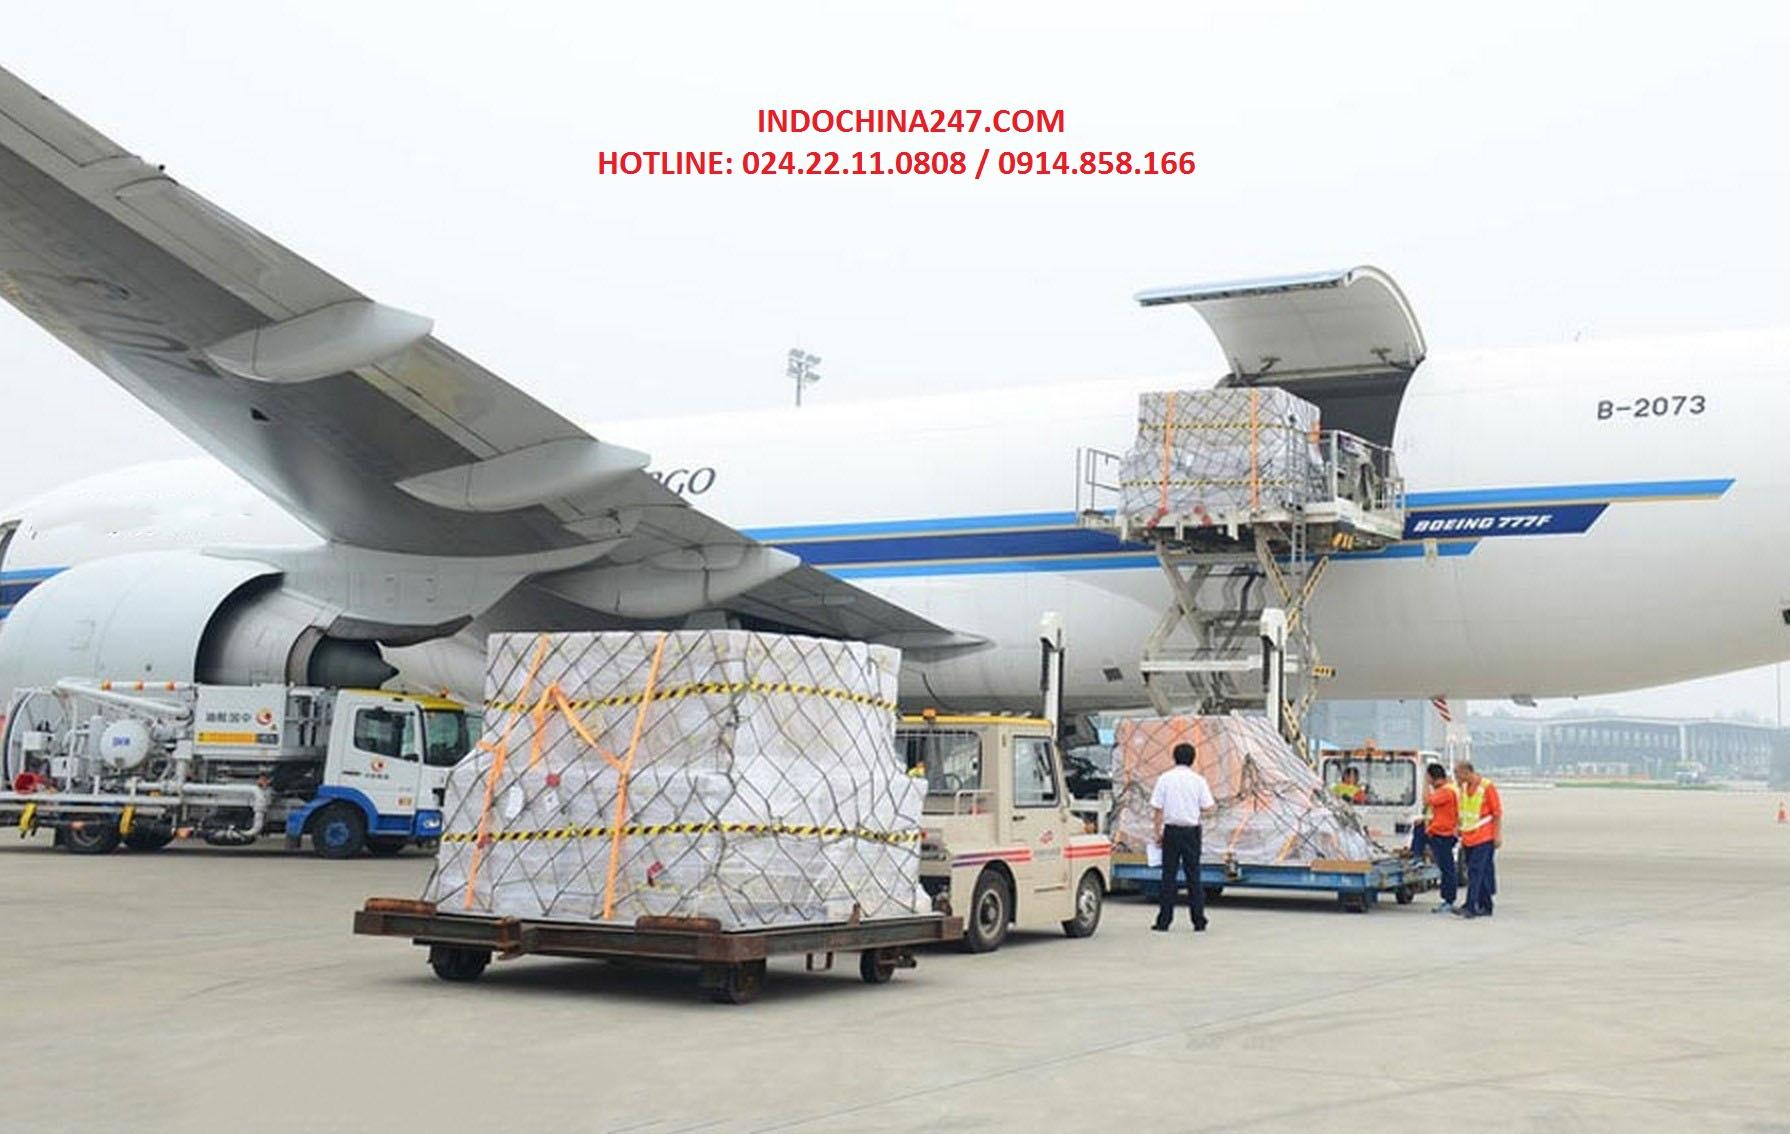 Dịch vụ vận chuyển phụ tùng xe đạp thể thao, xe máy, xe ô tô từ Nga về Việt Nam nhanh chóng, giá rẻ